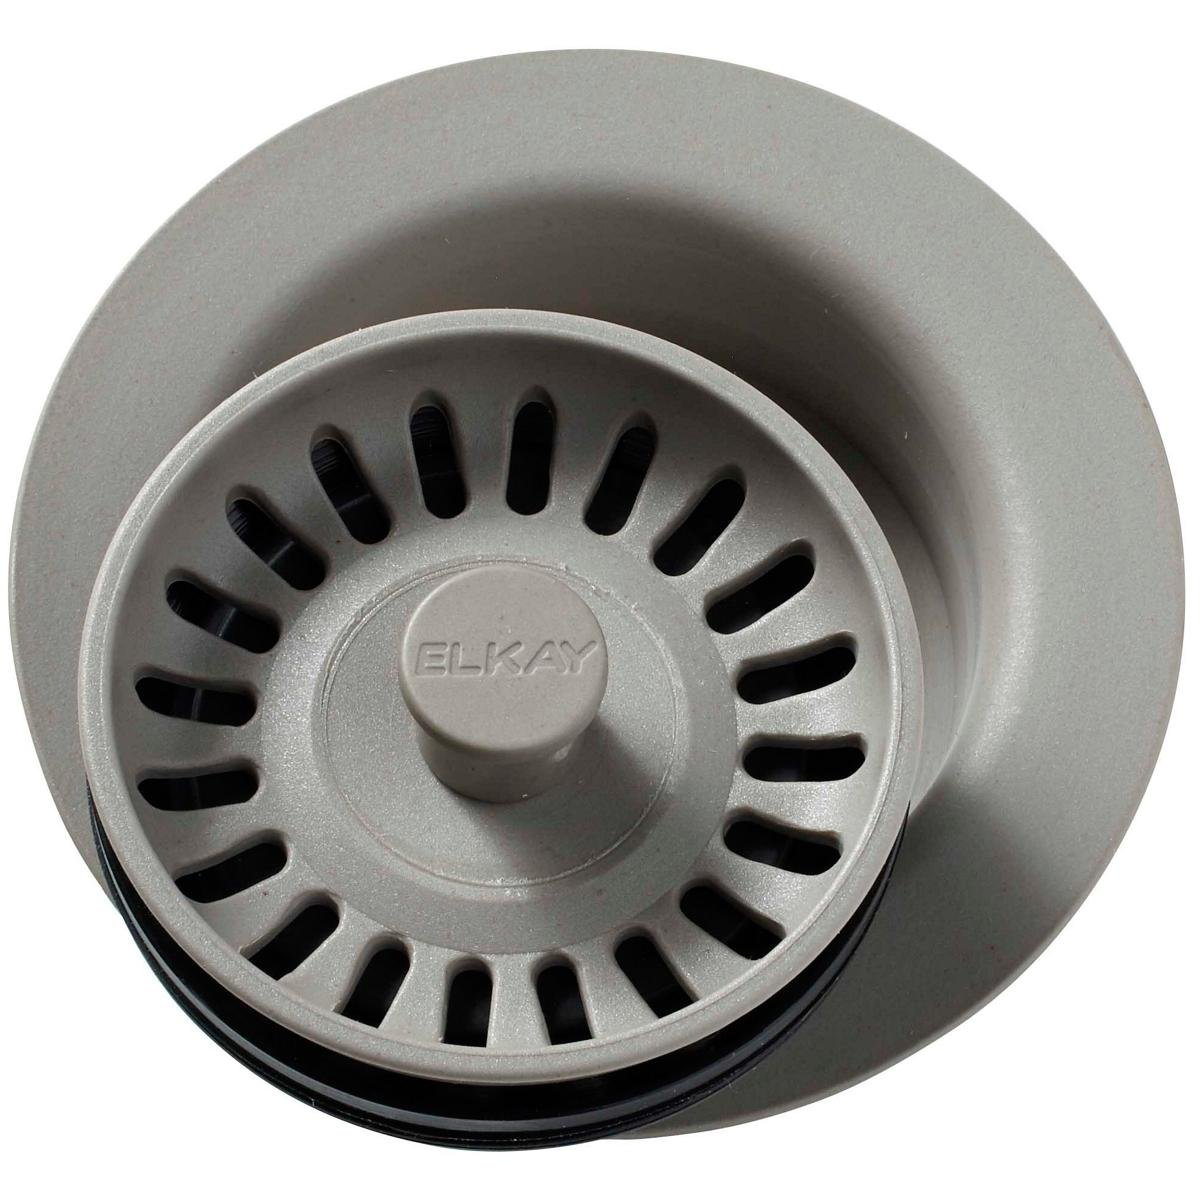 Elkay LKQD35GR Greige Polymer Disposer Flange with Removable Basket Strainer and Rubber Stopper